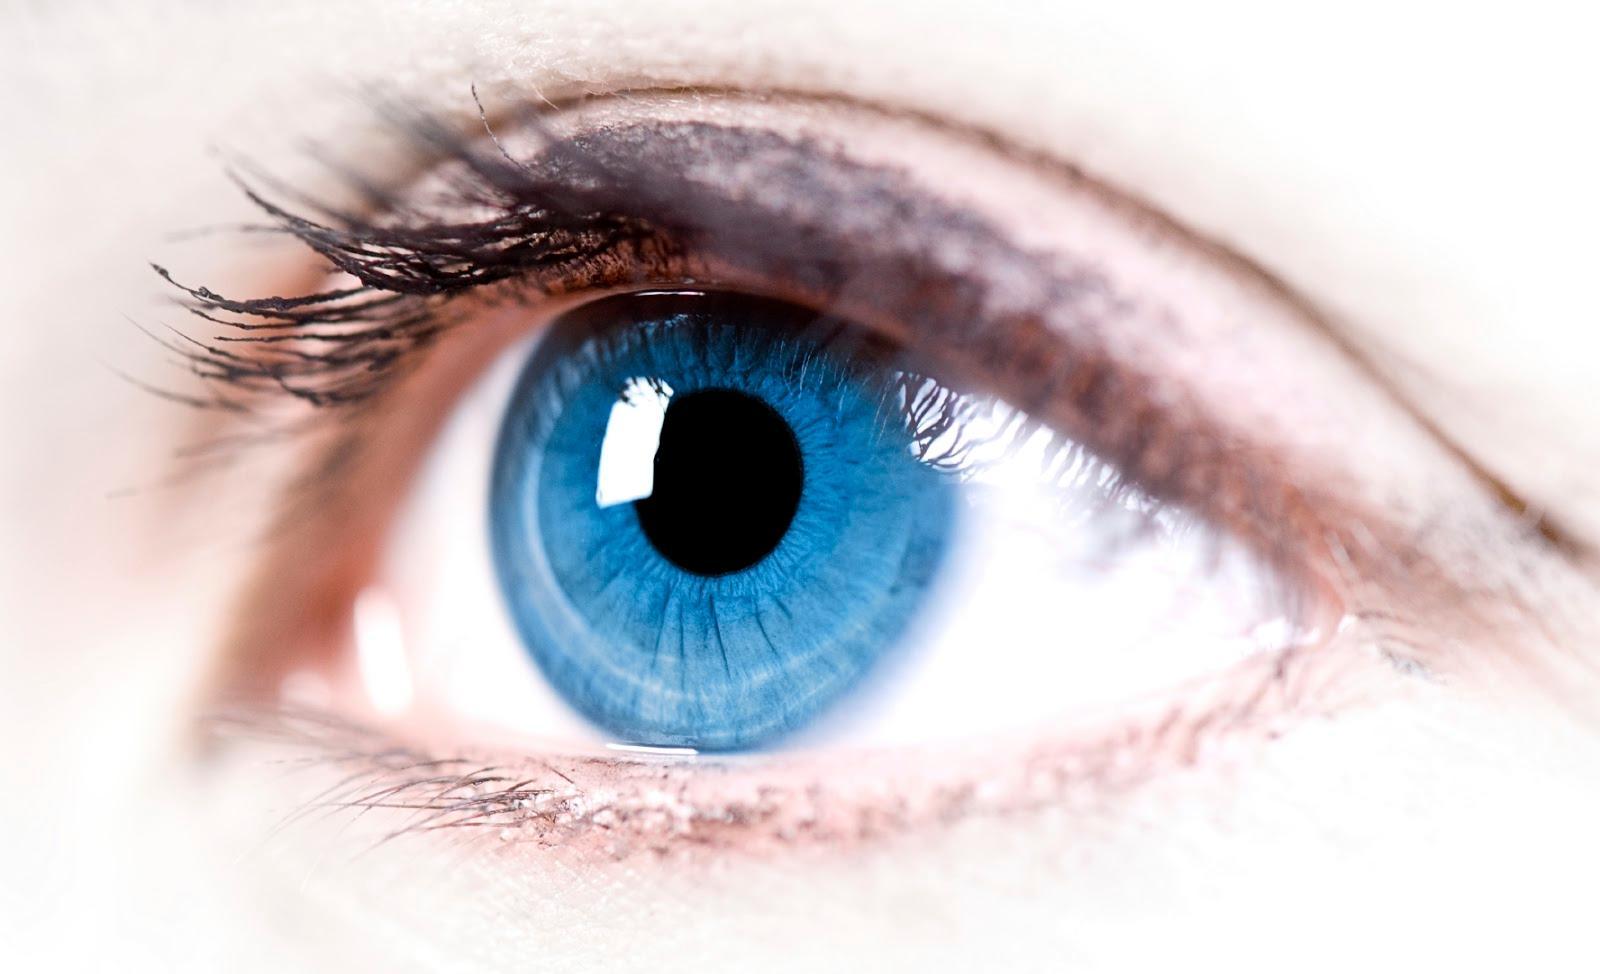 Витамины для глаз: капли, комплексы и народные средства для глаз | WMJ.ru